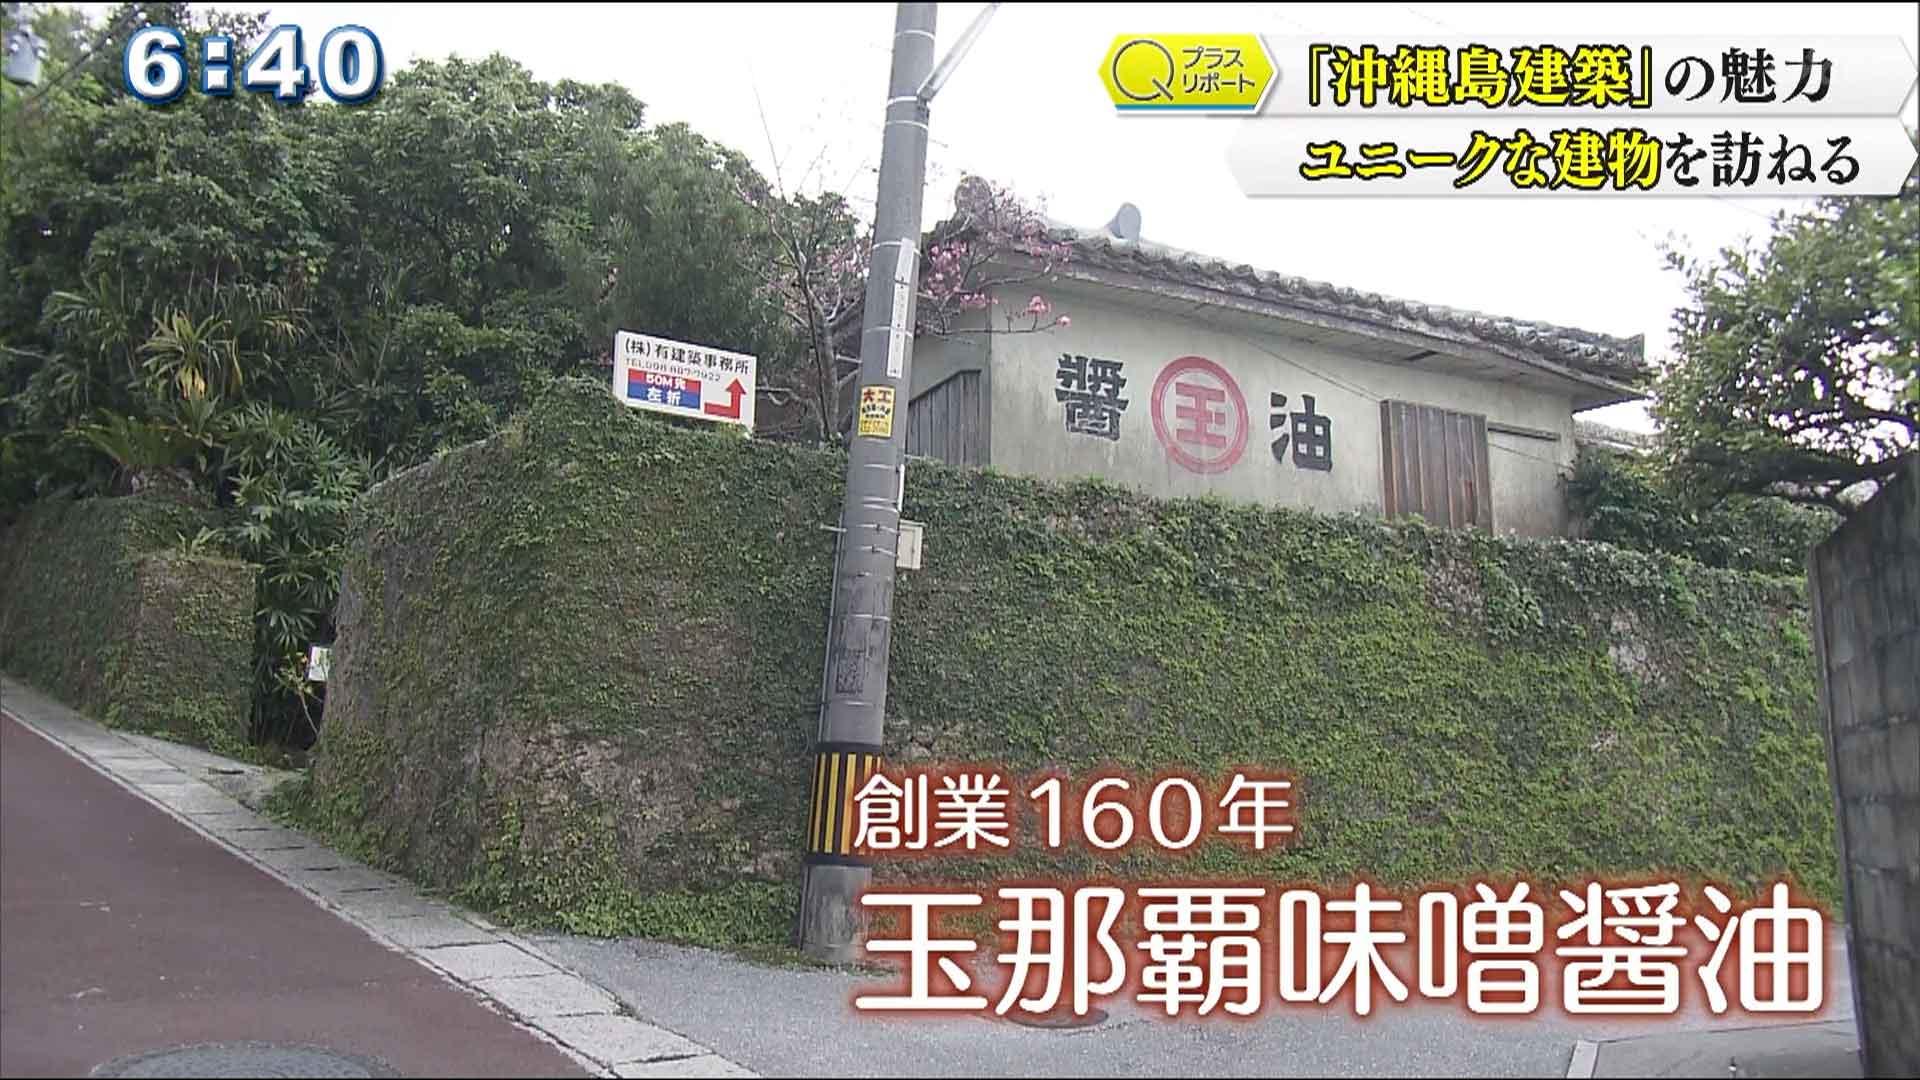 沖縄島建築 和洋琉を取り入れた沖縄風建築